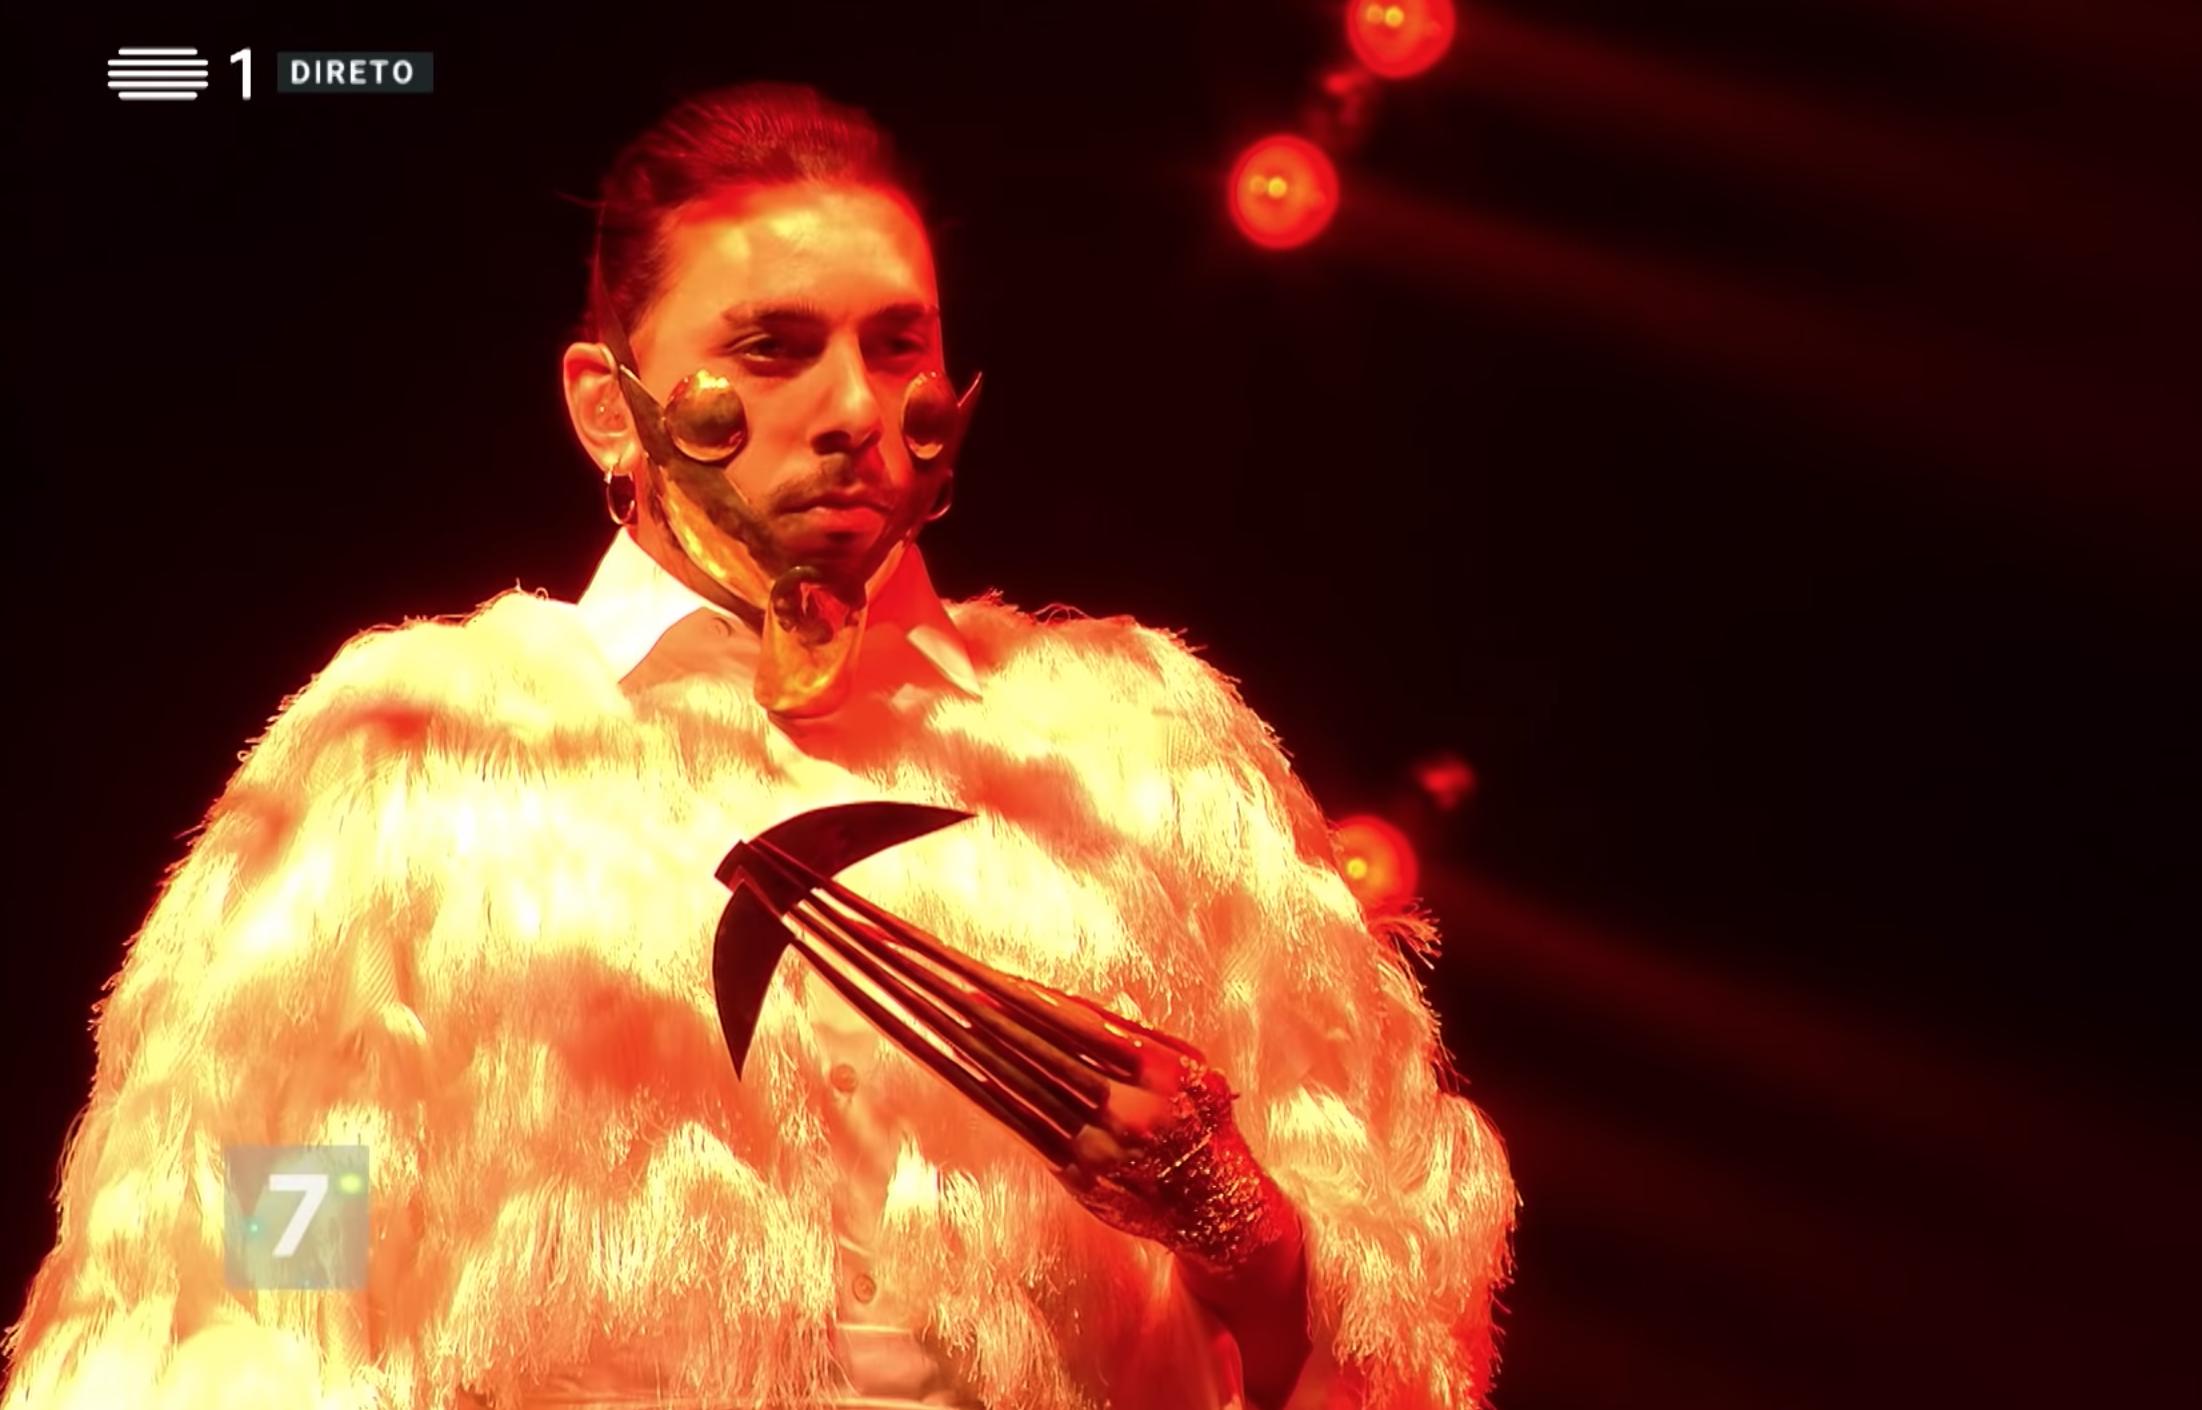 eurovision 2019 - photo #36